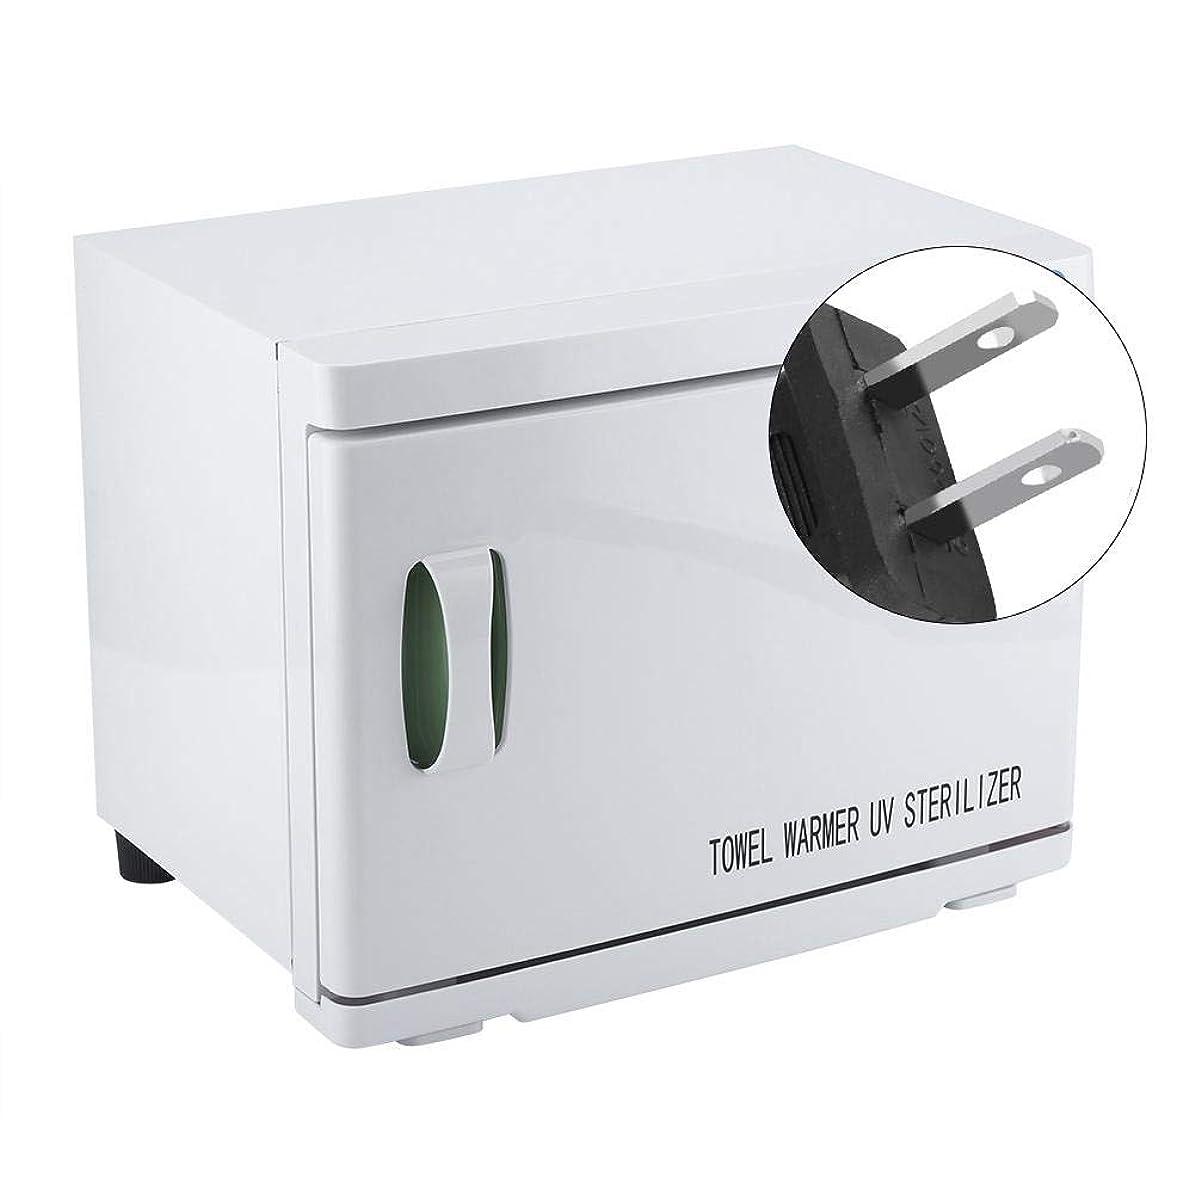 マスク臨検領収書Acogedor タオルウォーマー タオル蒸し器 滅菌機 多用途 タオル 服 歯ブラシ 哺乳瓶 紫外線 UV 消毒 USプラグ 23L 加热温度:60℃±10℃ (110V)